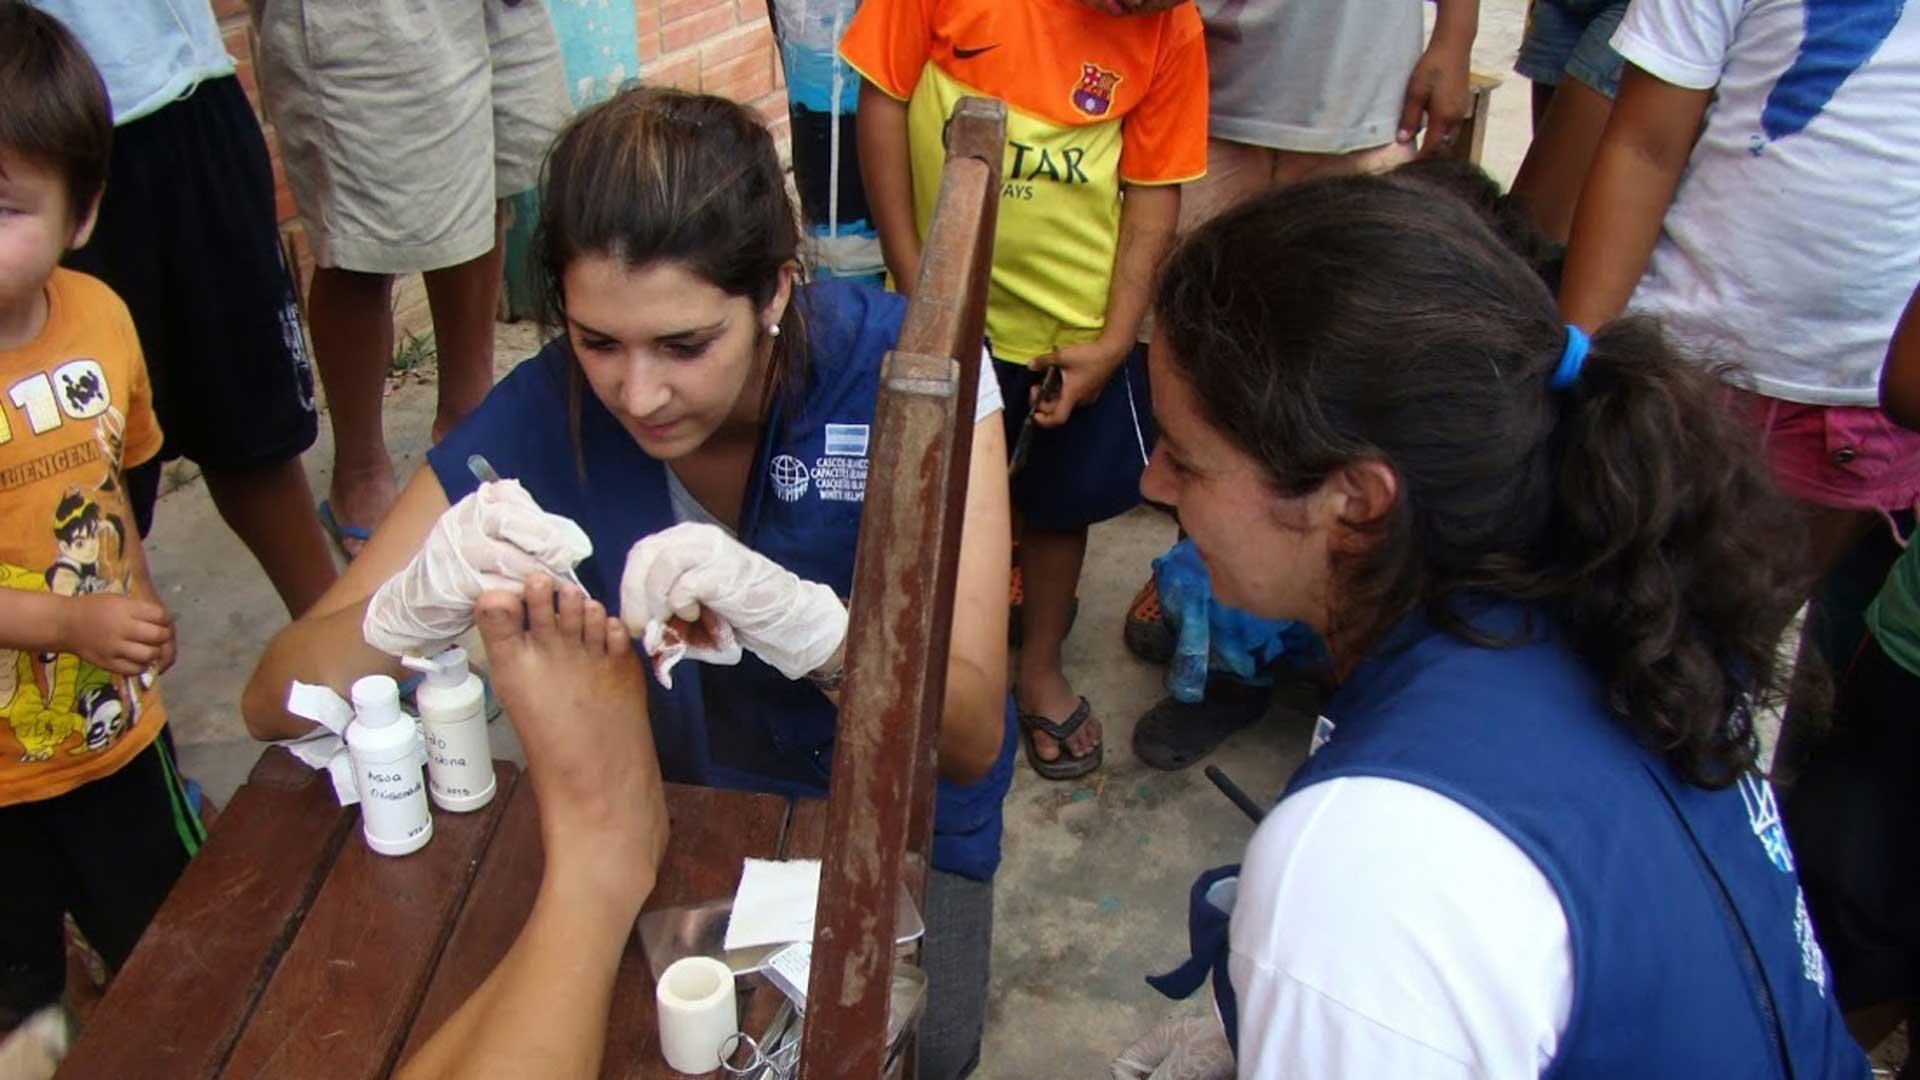 La labor de los voluntarios es crucial en las misiones de Cascos Blancos. Foto:Gentileza Cascos Blancos.